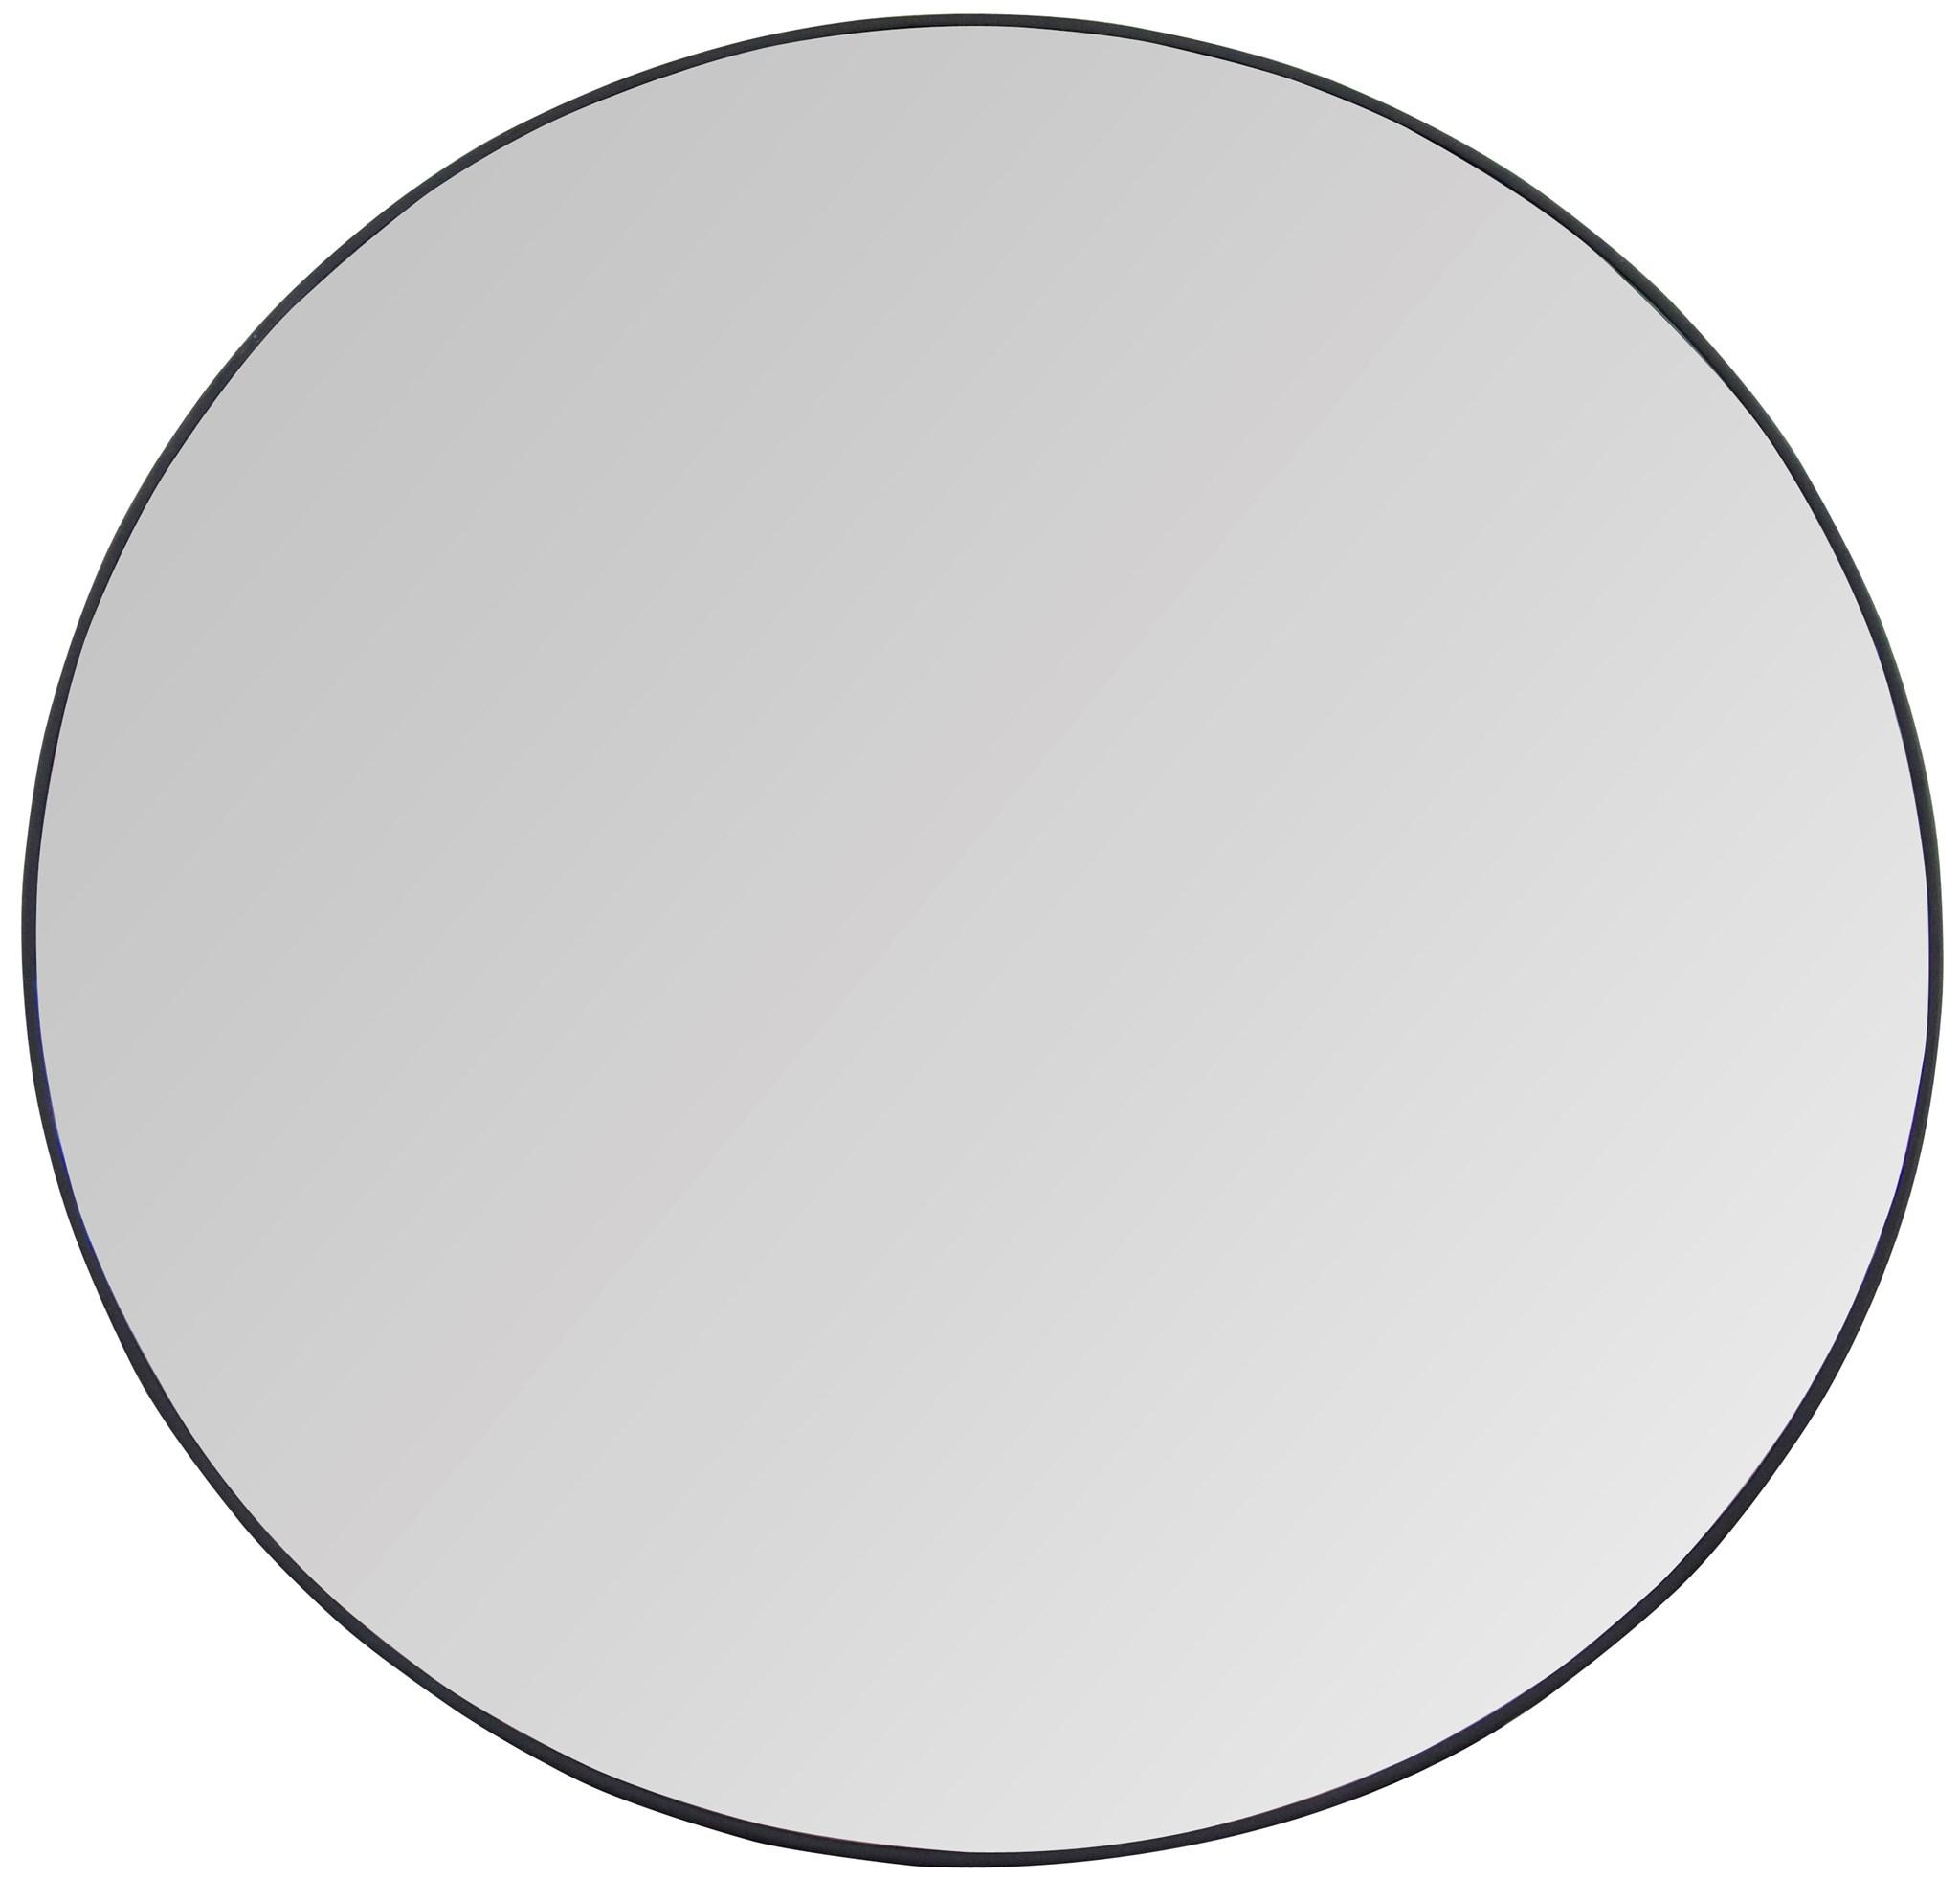 48 round mirror thin metal round argie round mirror cfc